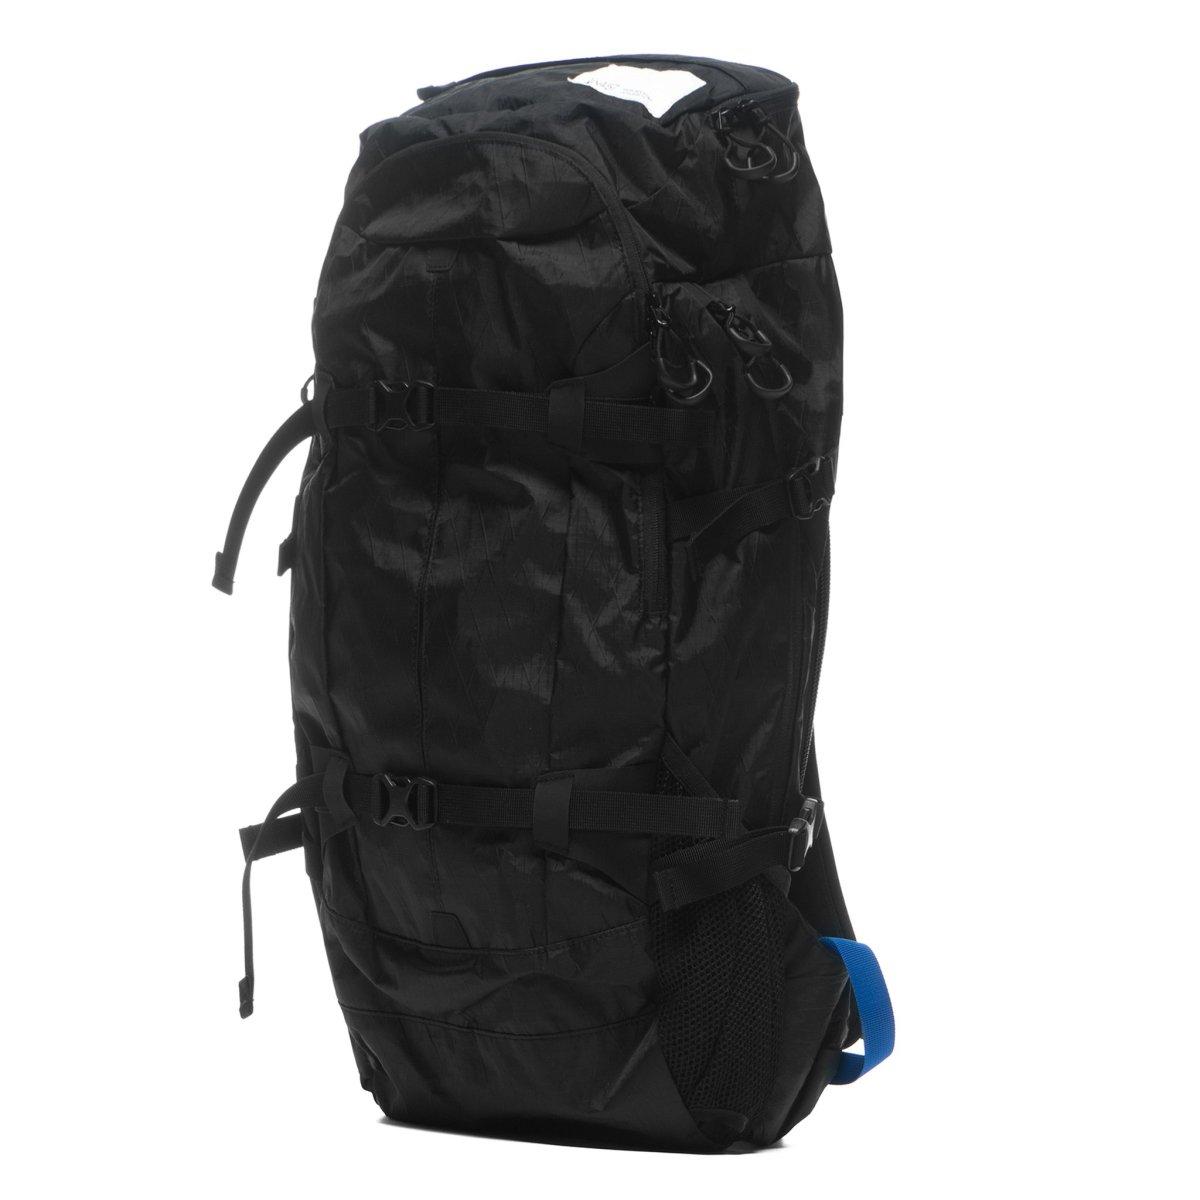 Burton AK457 Bags